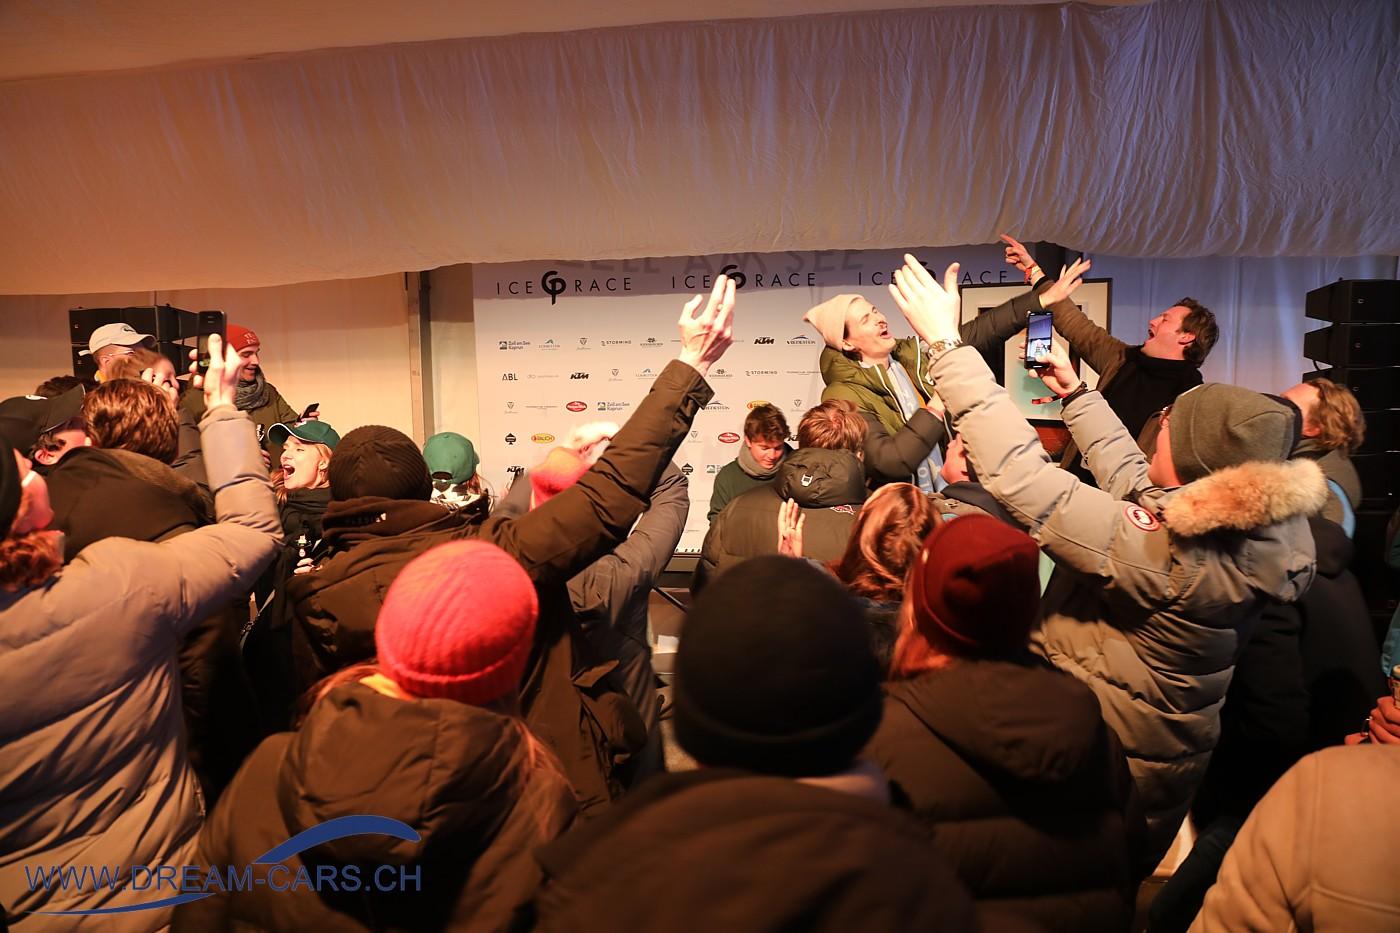 Karaoke-Abend am GP Ice Race in Zell am See